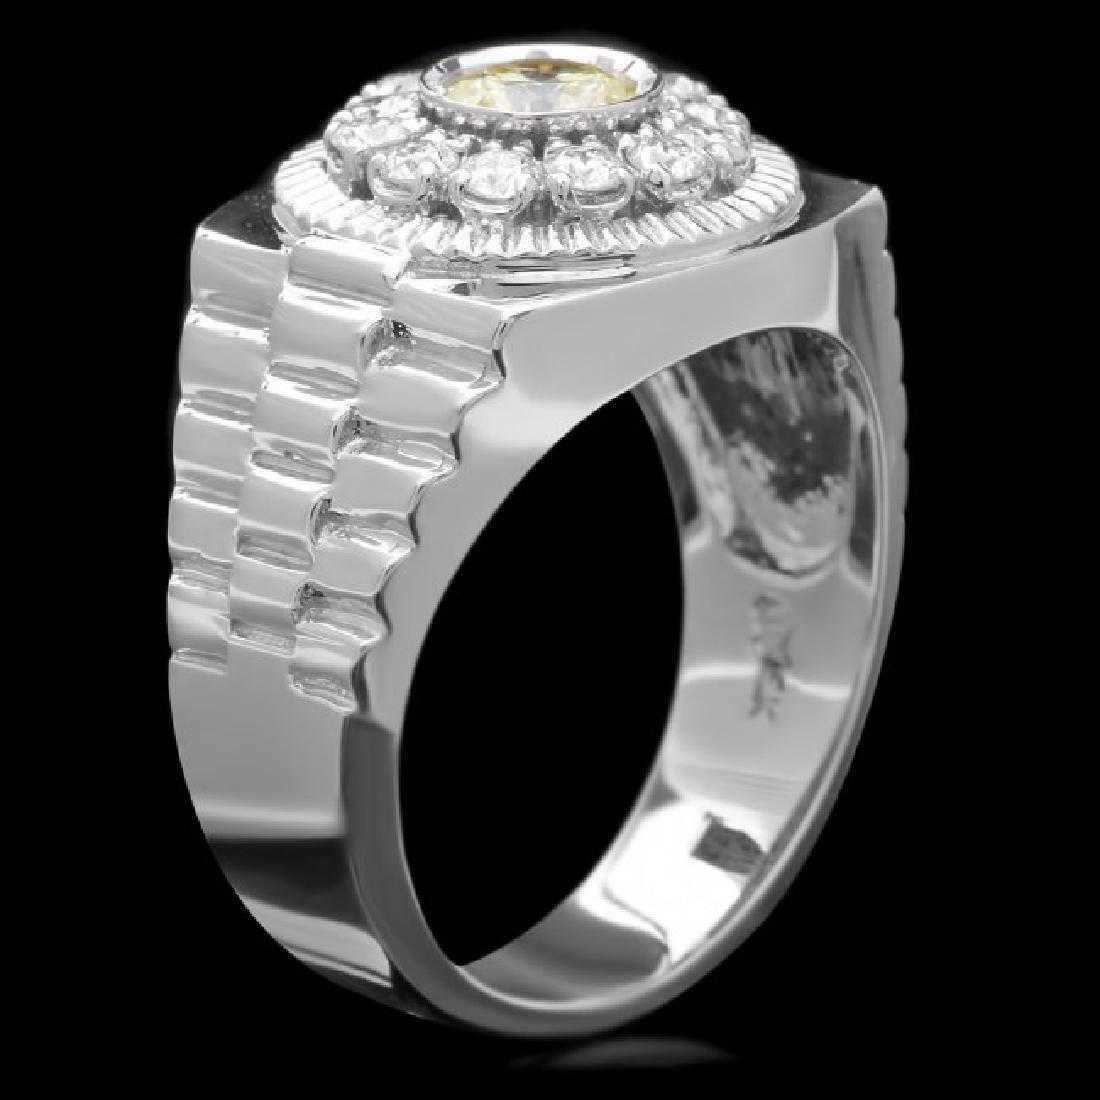 14k White Gold 1.05ct Diamond Ring - 3